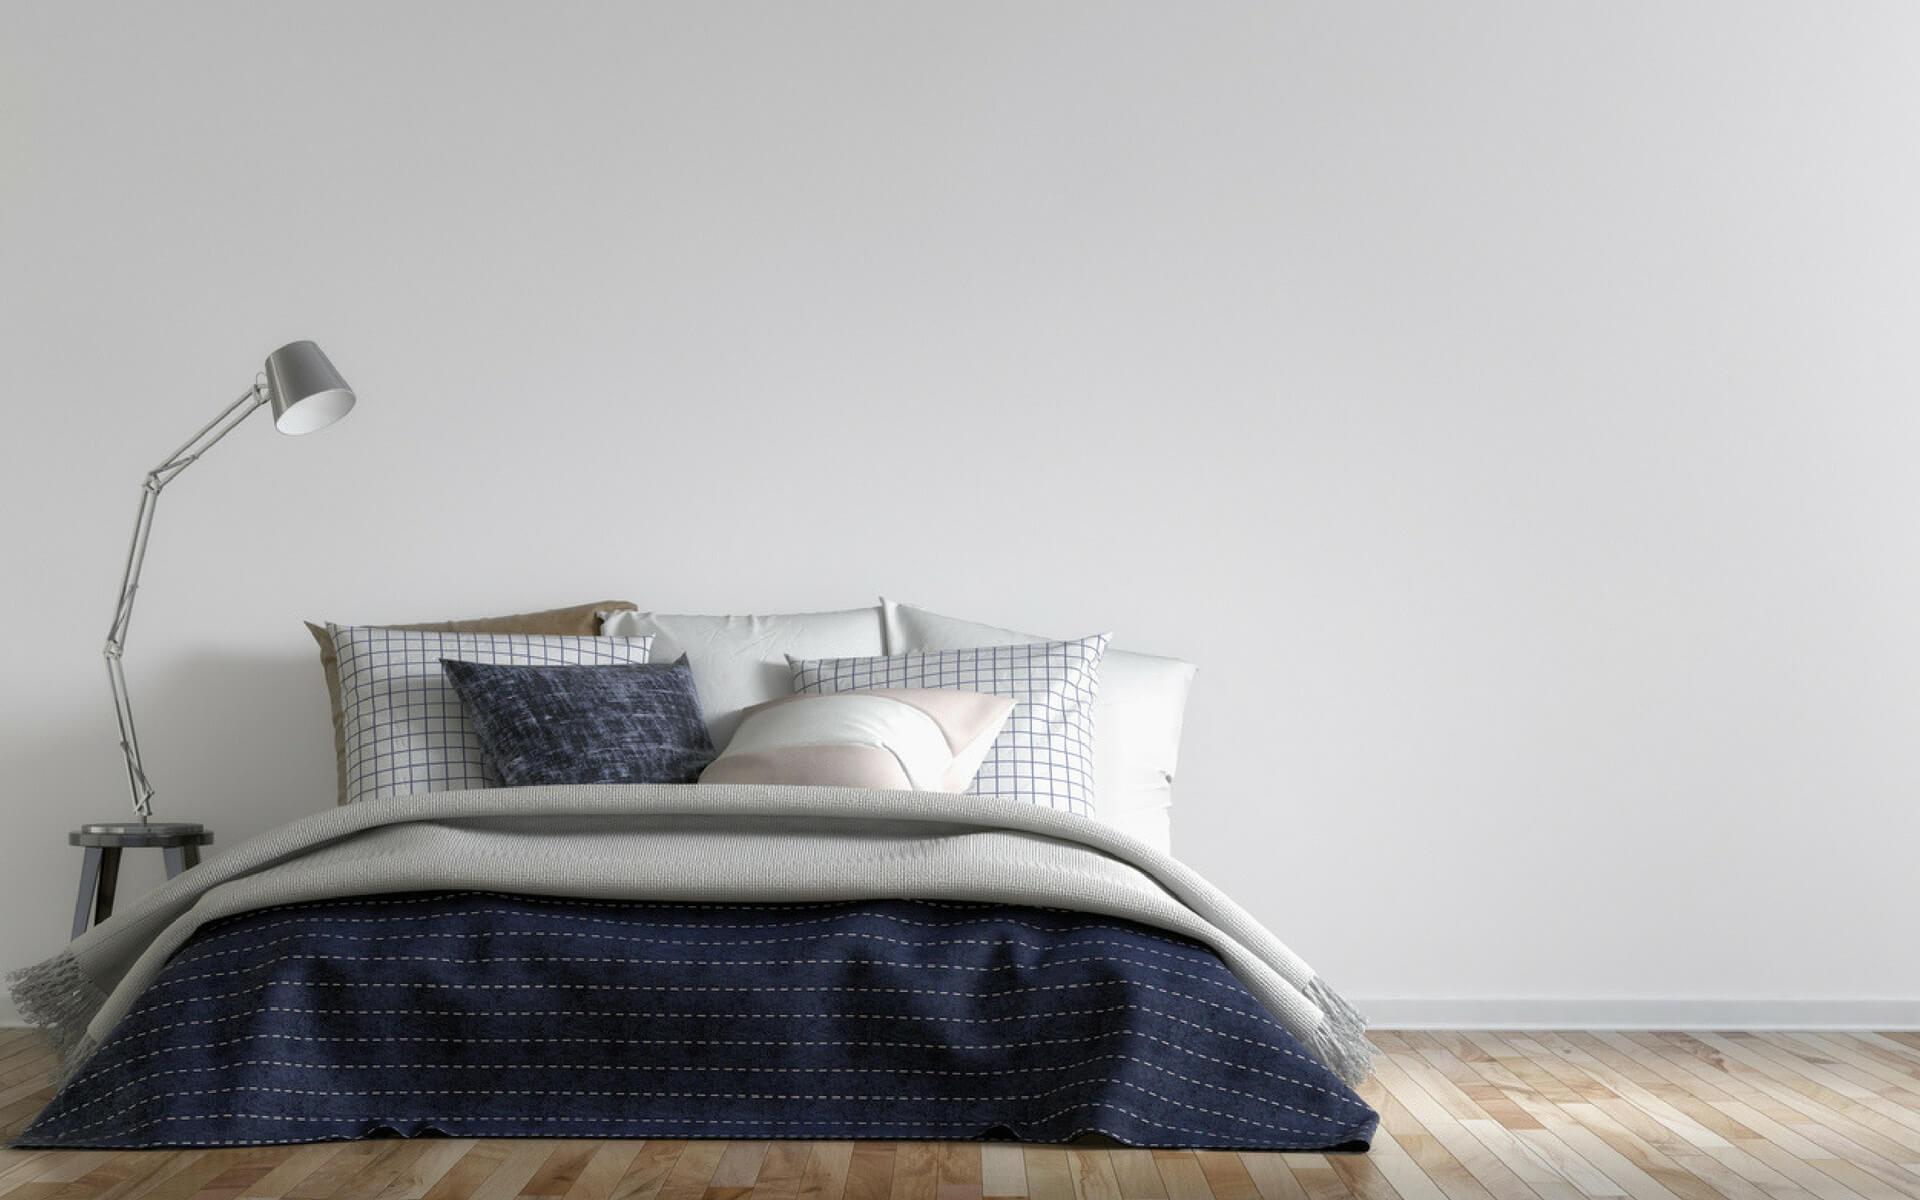 Come pulire la camera da letto per evitare la proliferazione degli acari della polvere e limitare le allergie